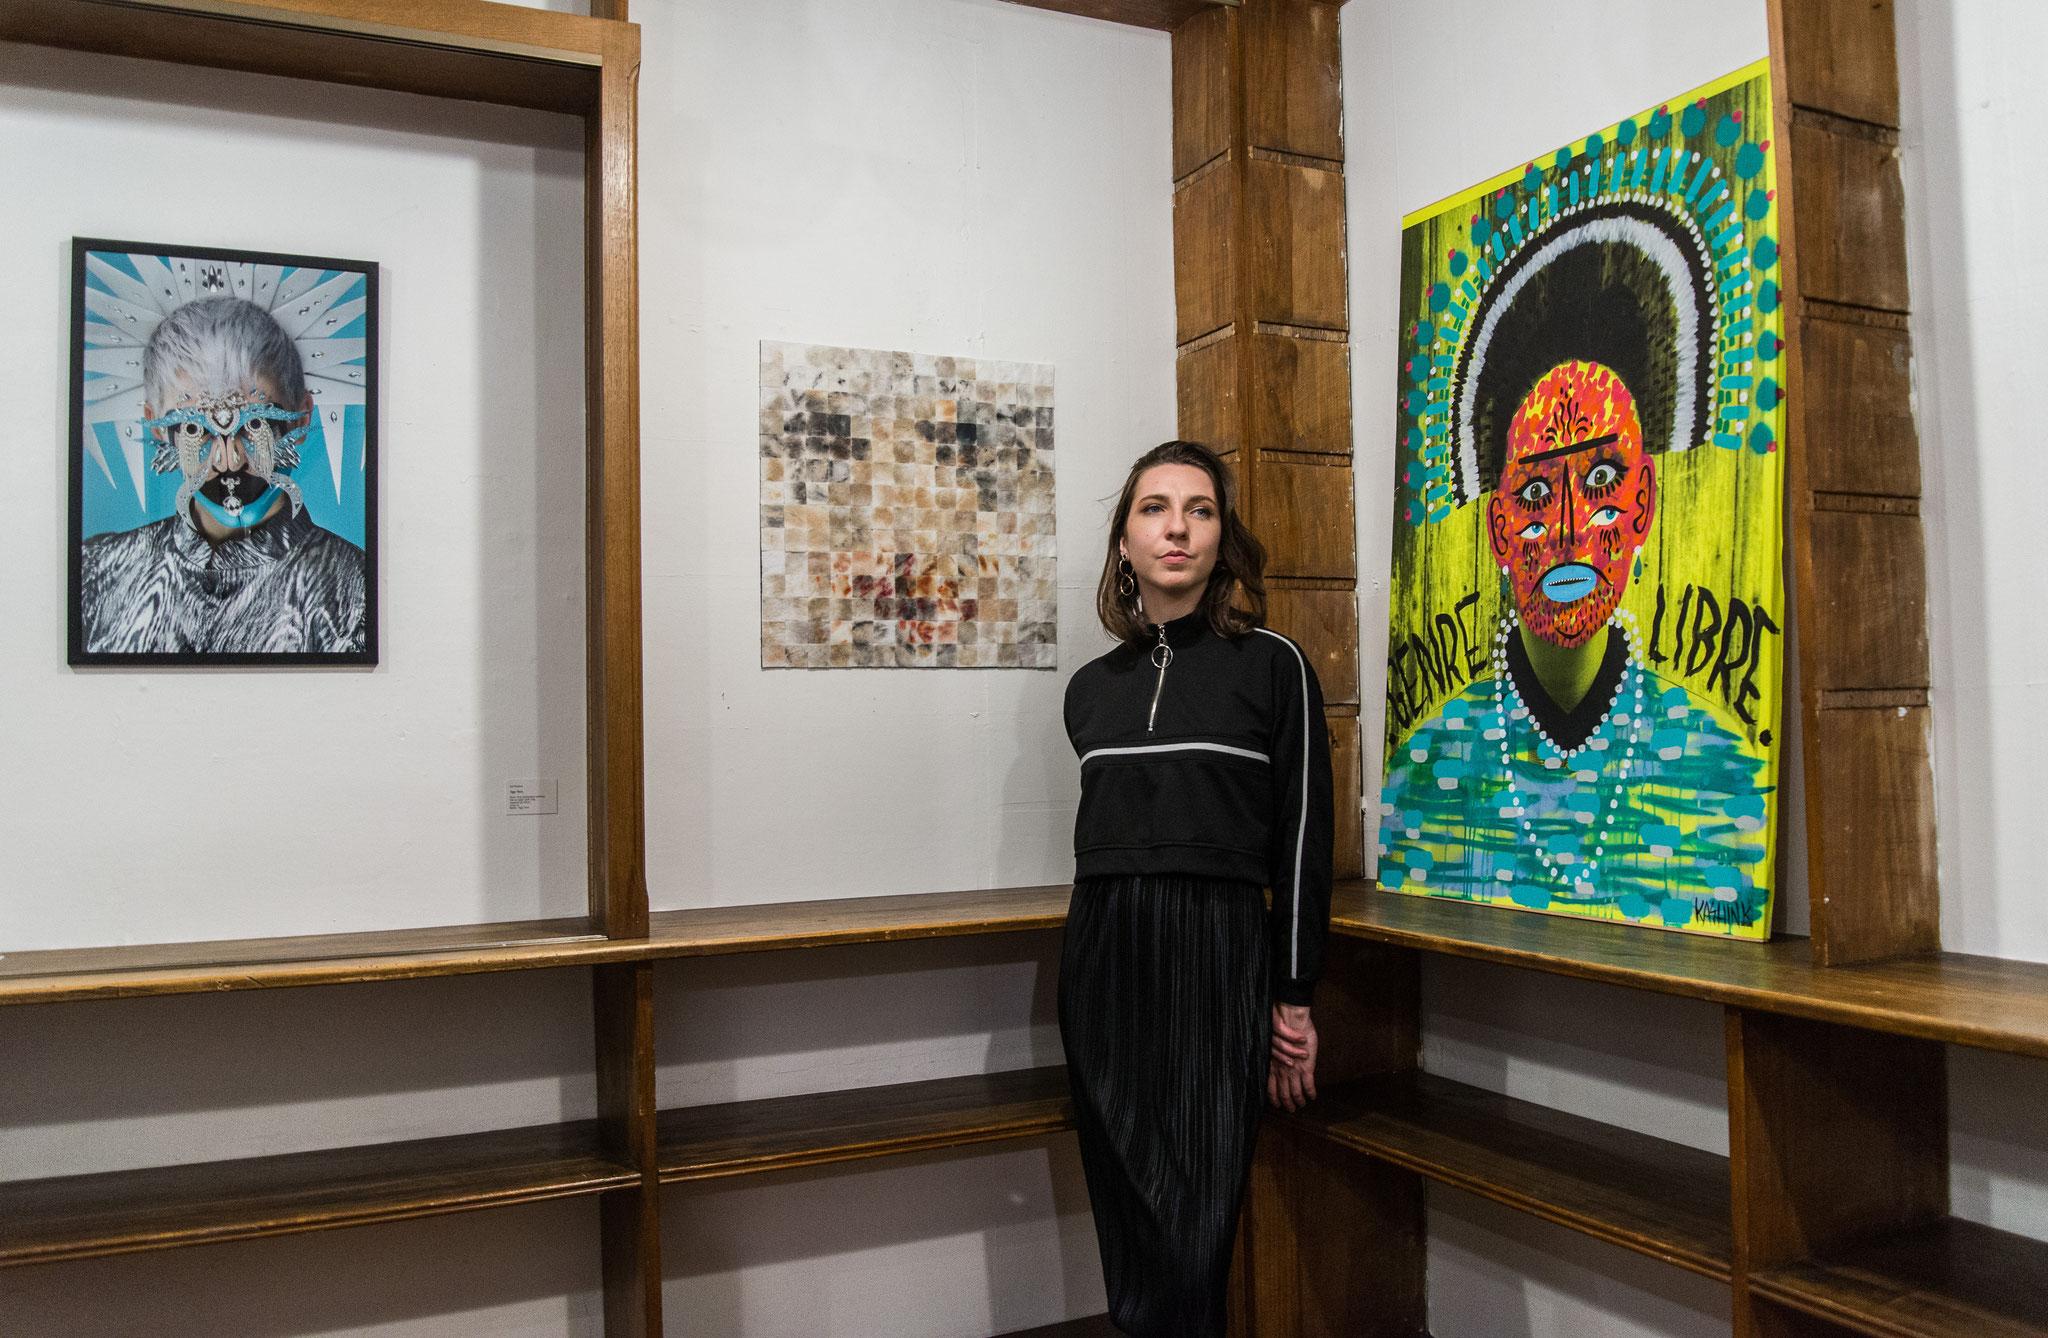 Lélia, Artistes, Paris 2019